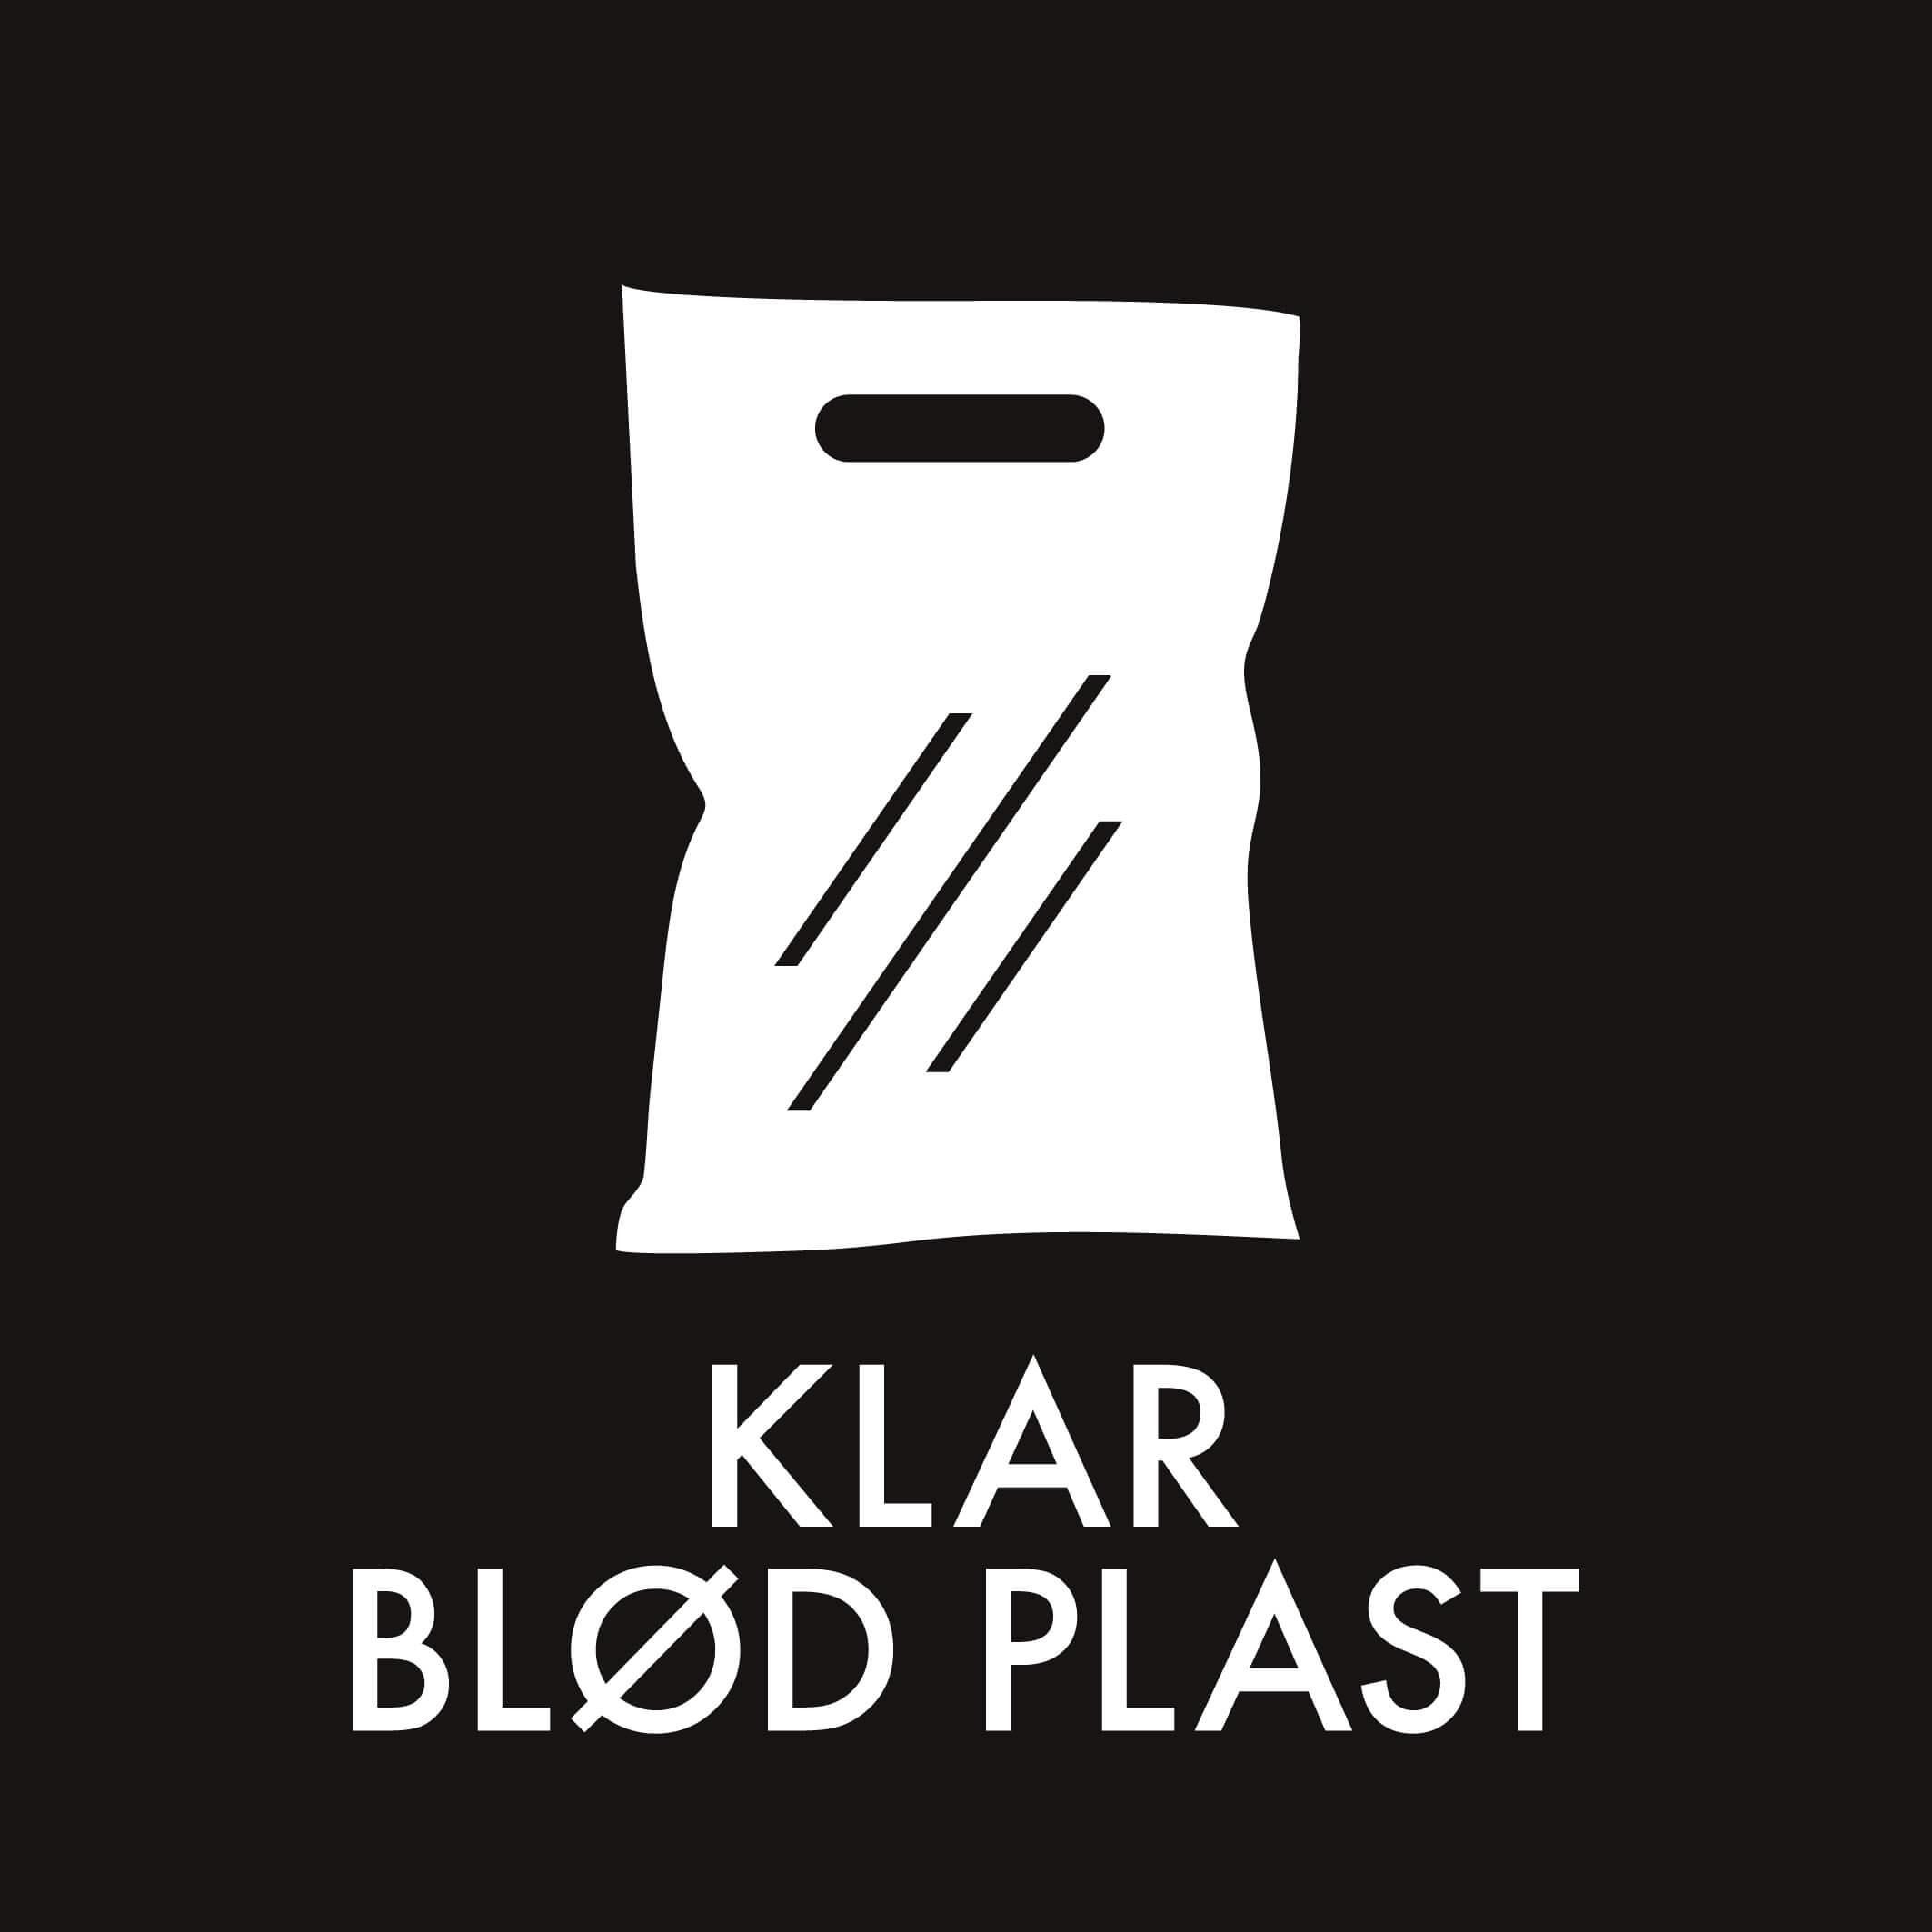 Dansk Affaldssortering - Klar blød plast sort